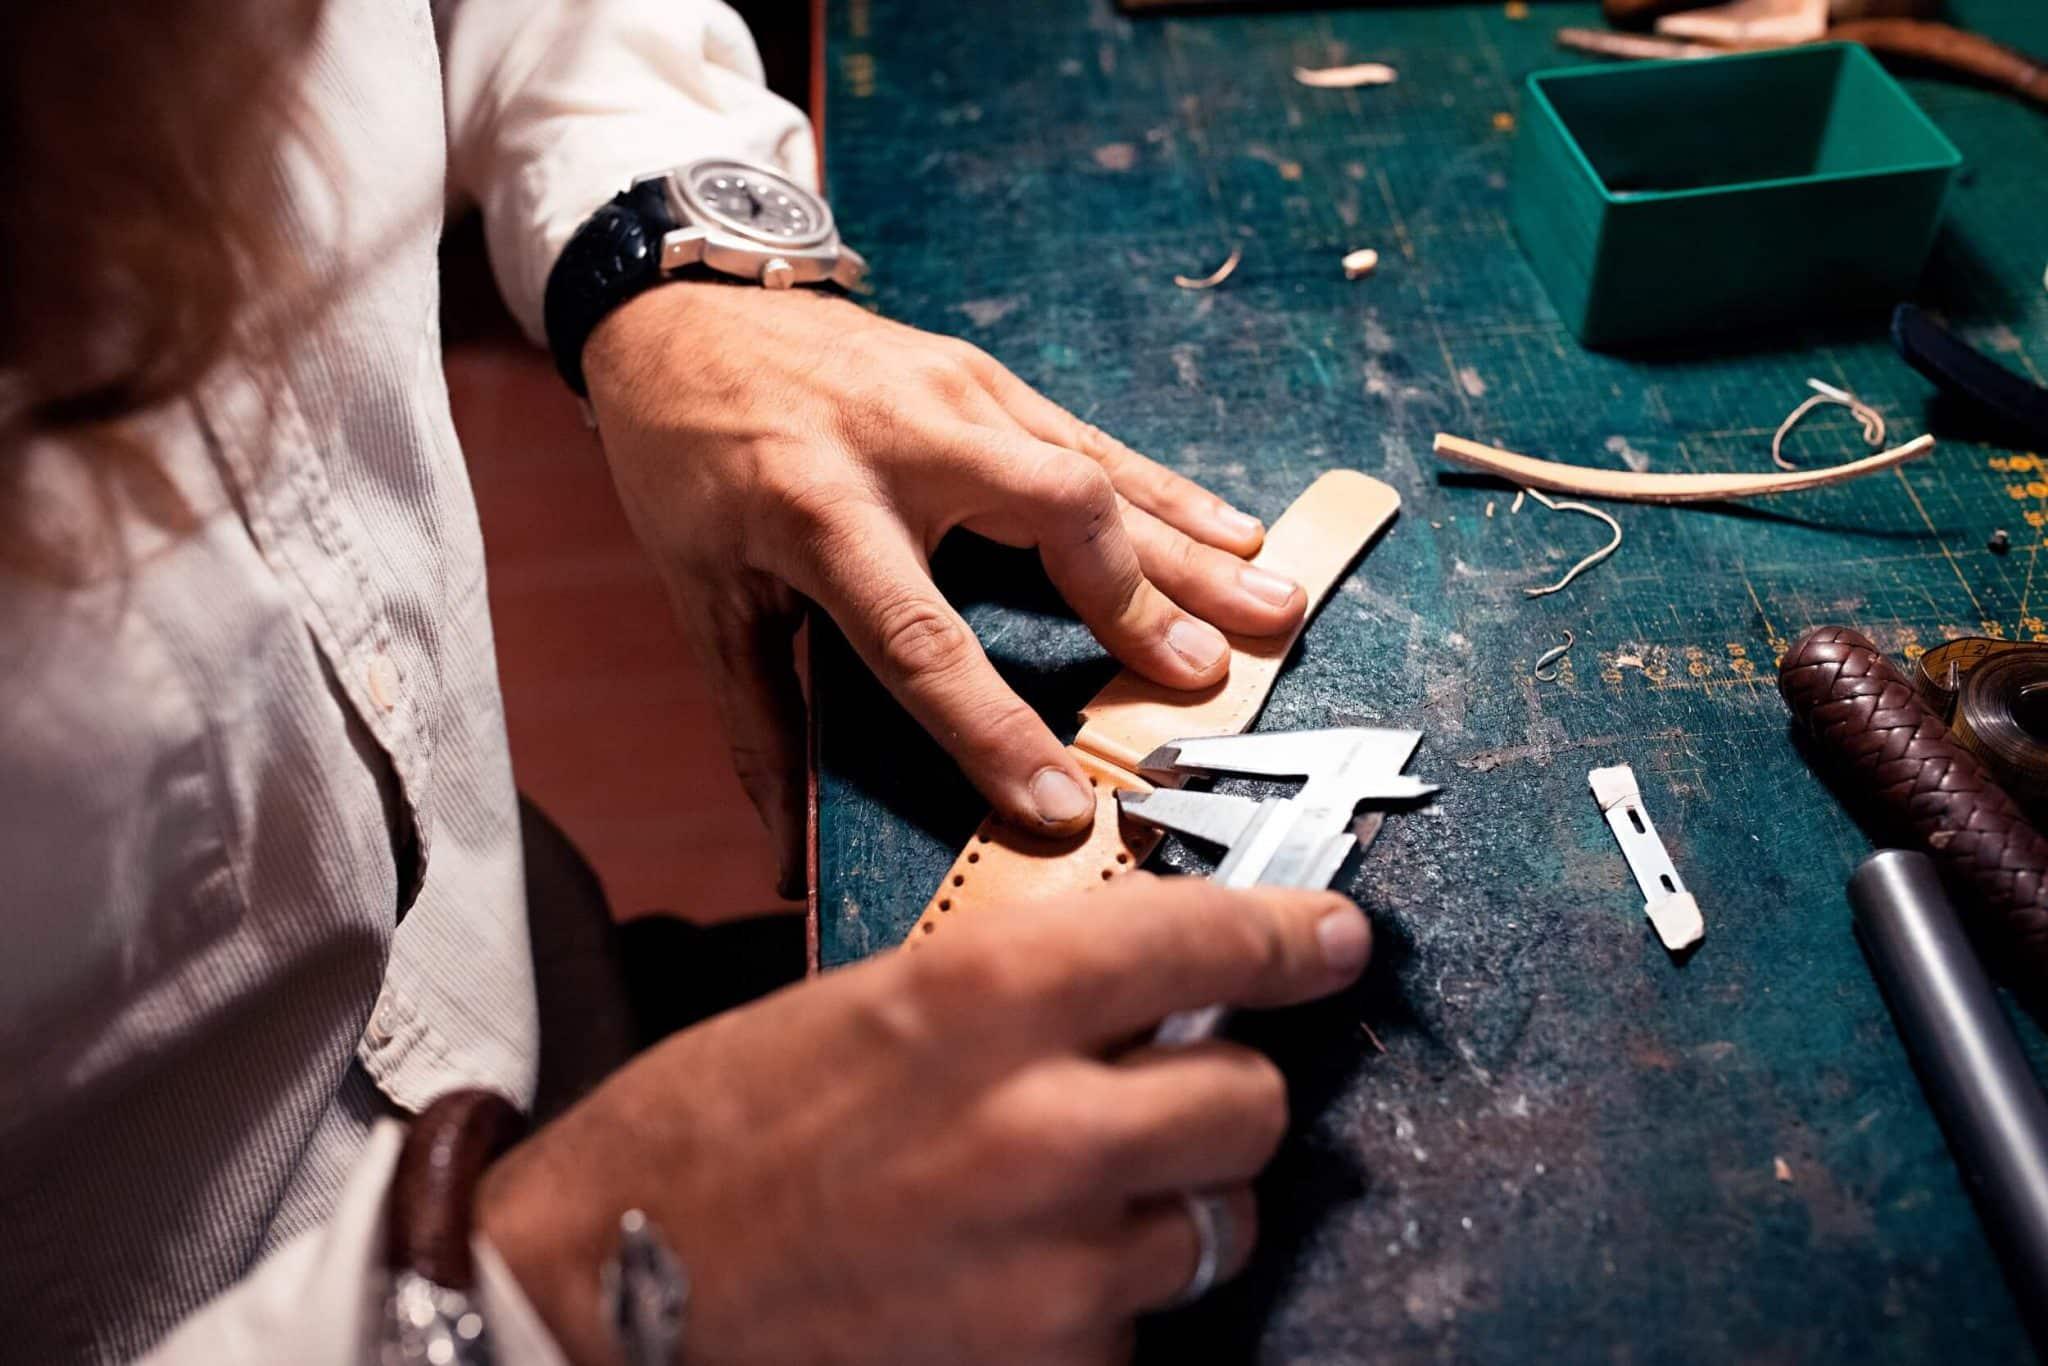 Print-Crude-Armbandherstellung-farbe-030